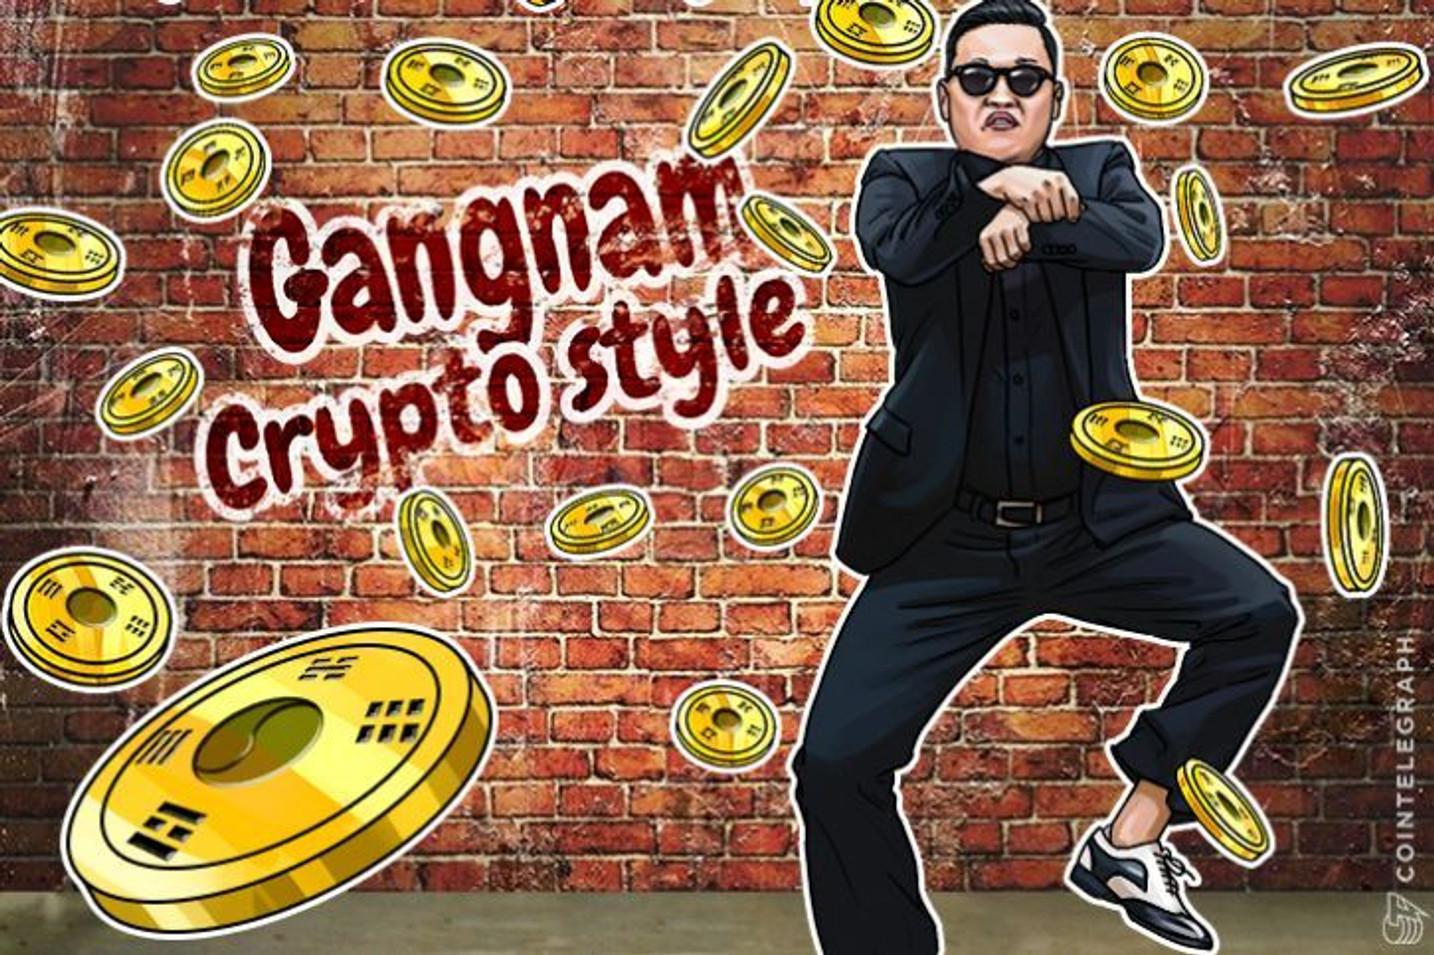 Grande conglomerado sul-coreano entra no mercado de remessas de Bitcoin